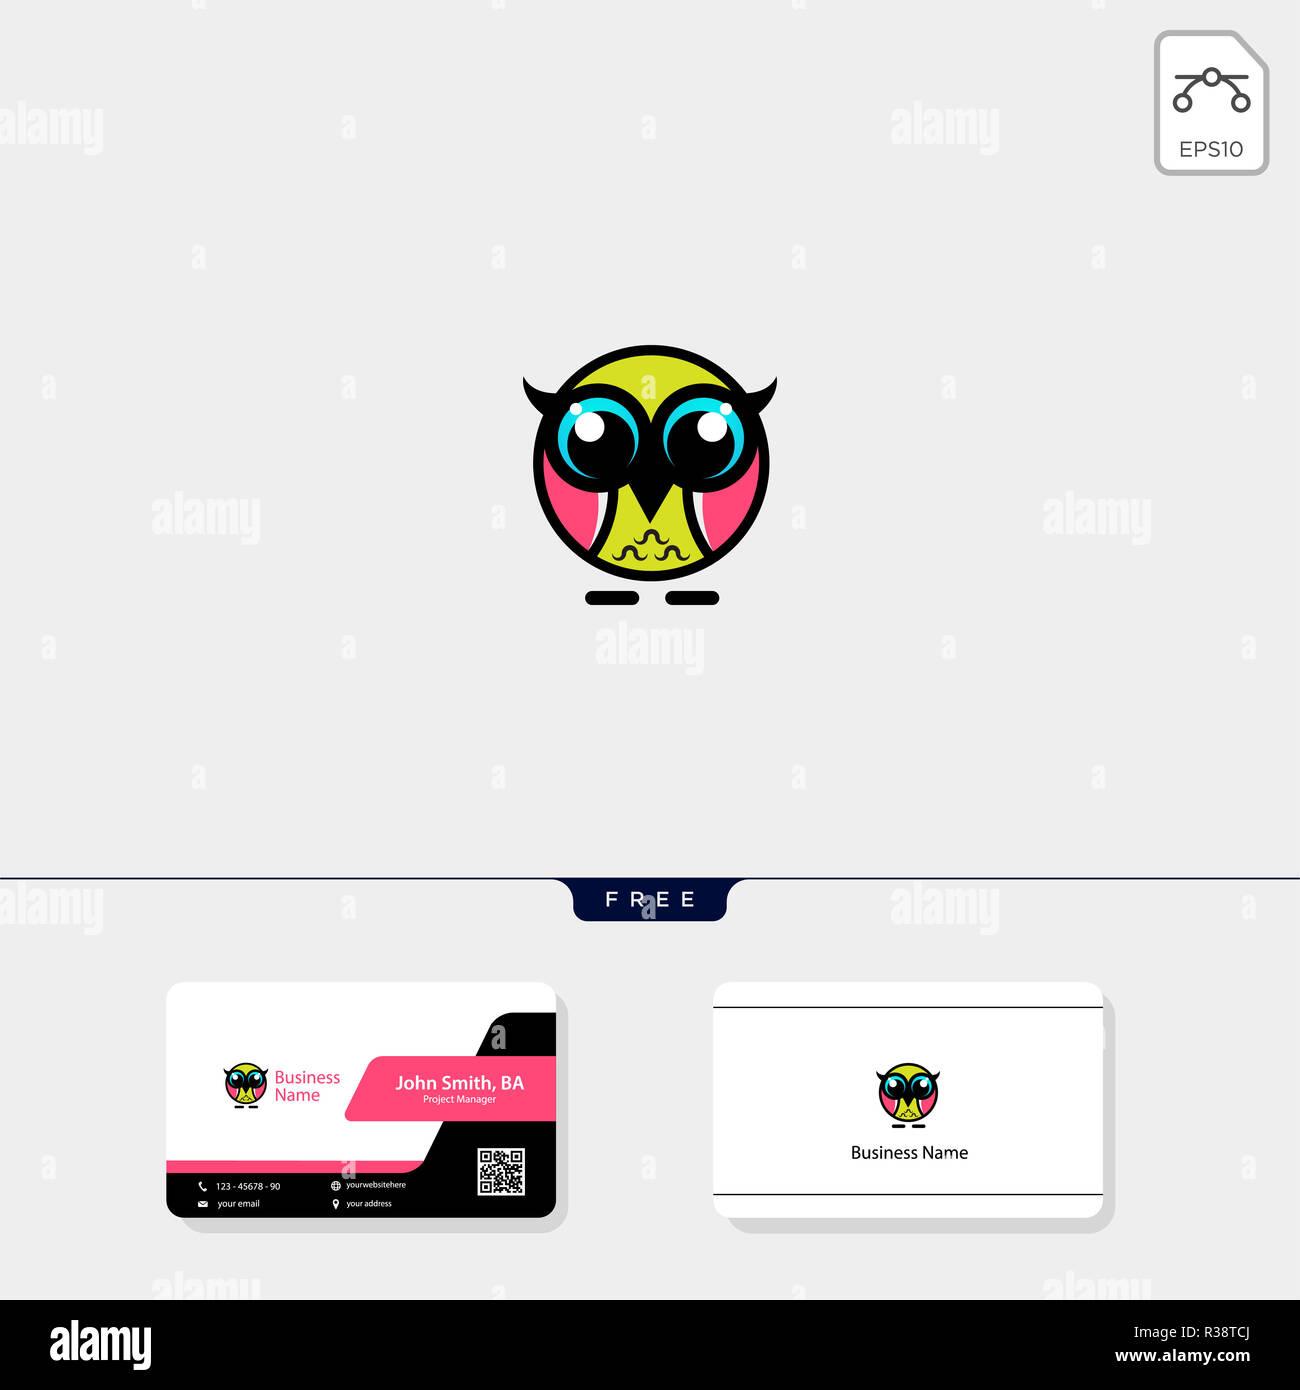 Cute Owl Modle Logo Vector Illustration De Conception Carte Visite Gratuit